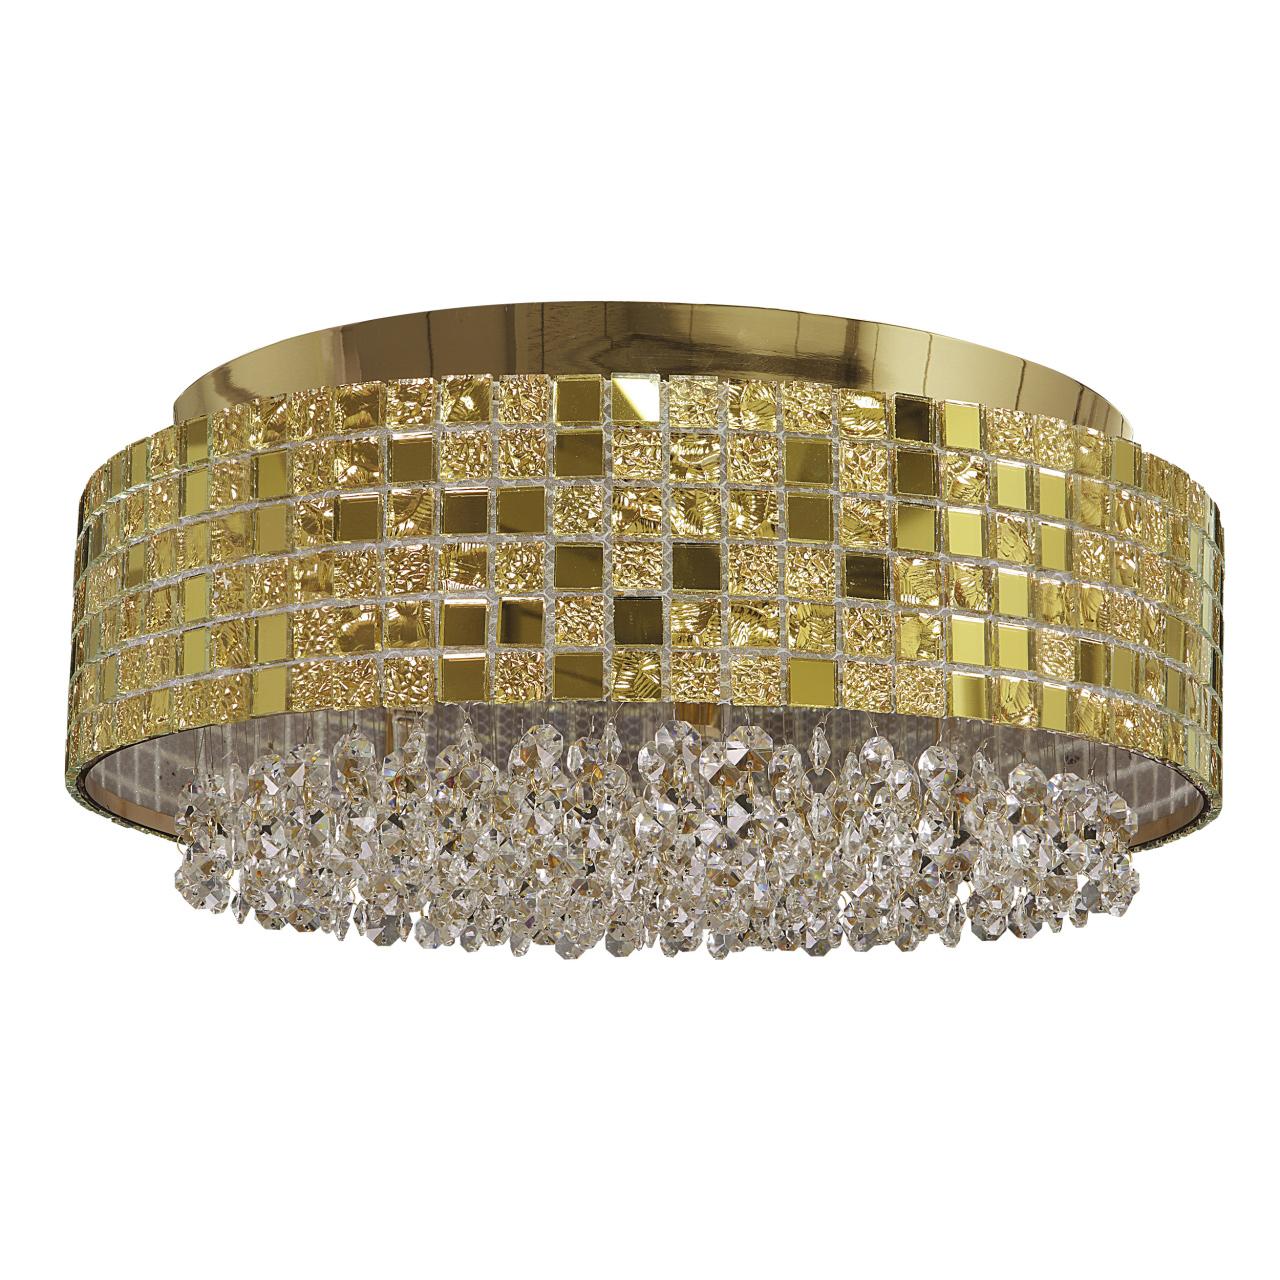 Люстра потолочная Bezazz 6х40W G9 золото Lightstar 743062